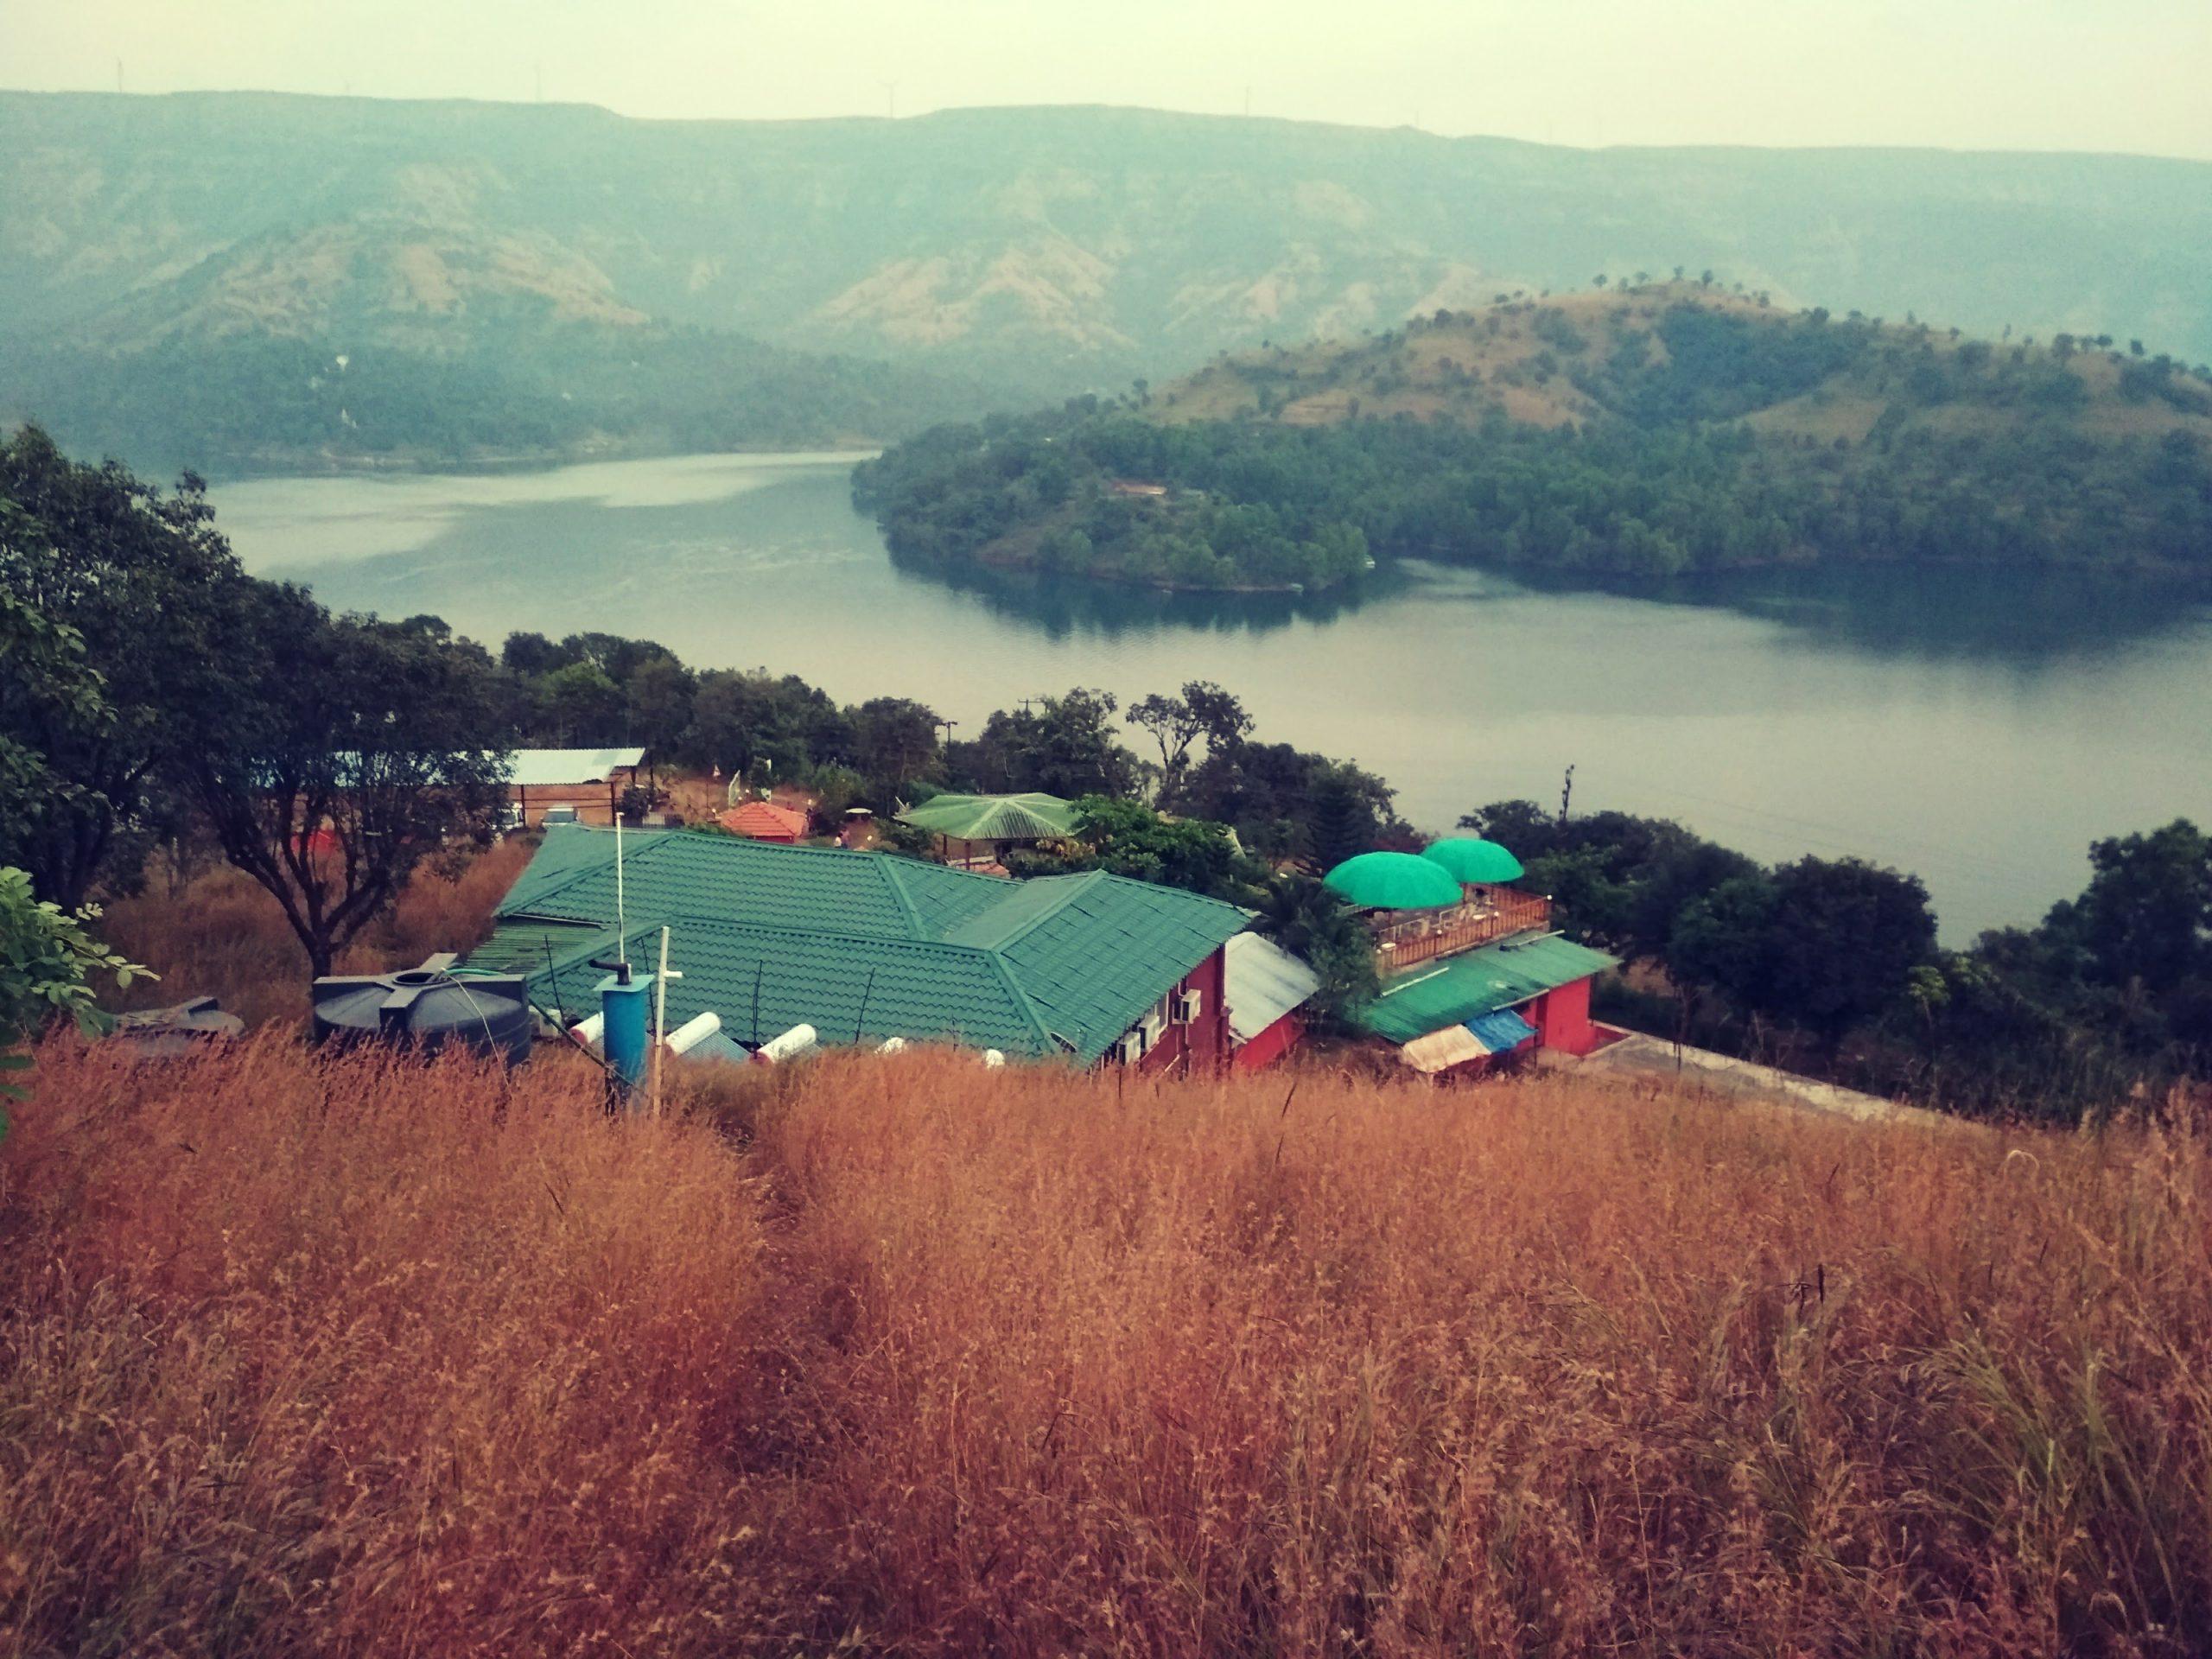 Nisarga Agro Tourism, Tapola, Mahabaleshwar - Shivsagar lake view